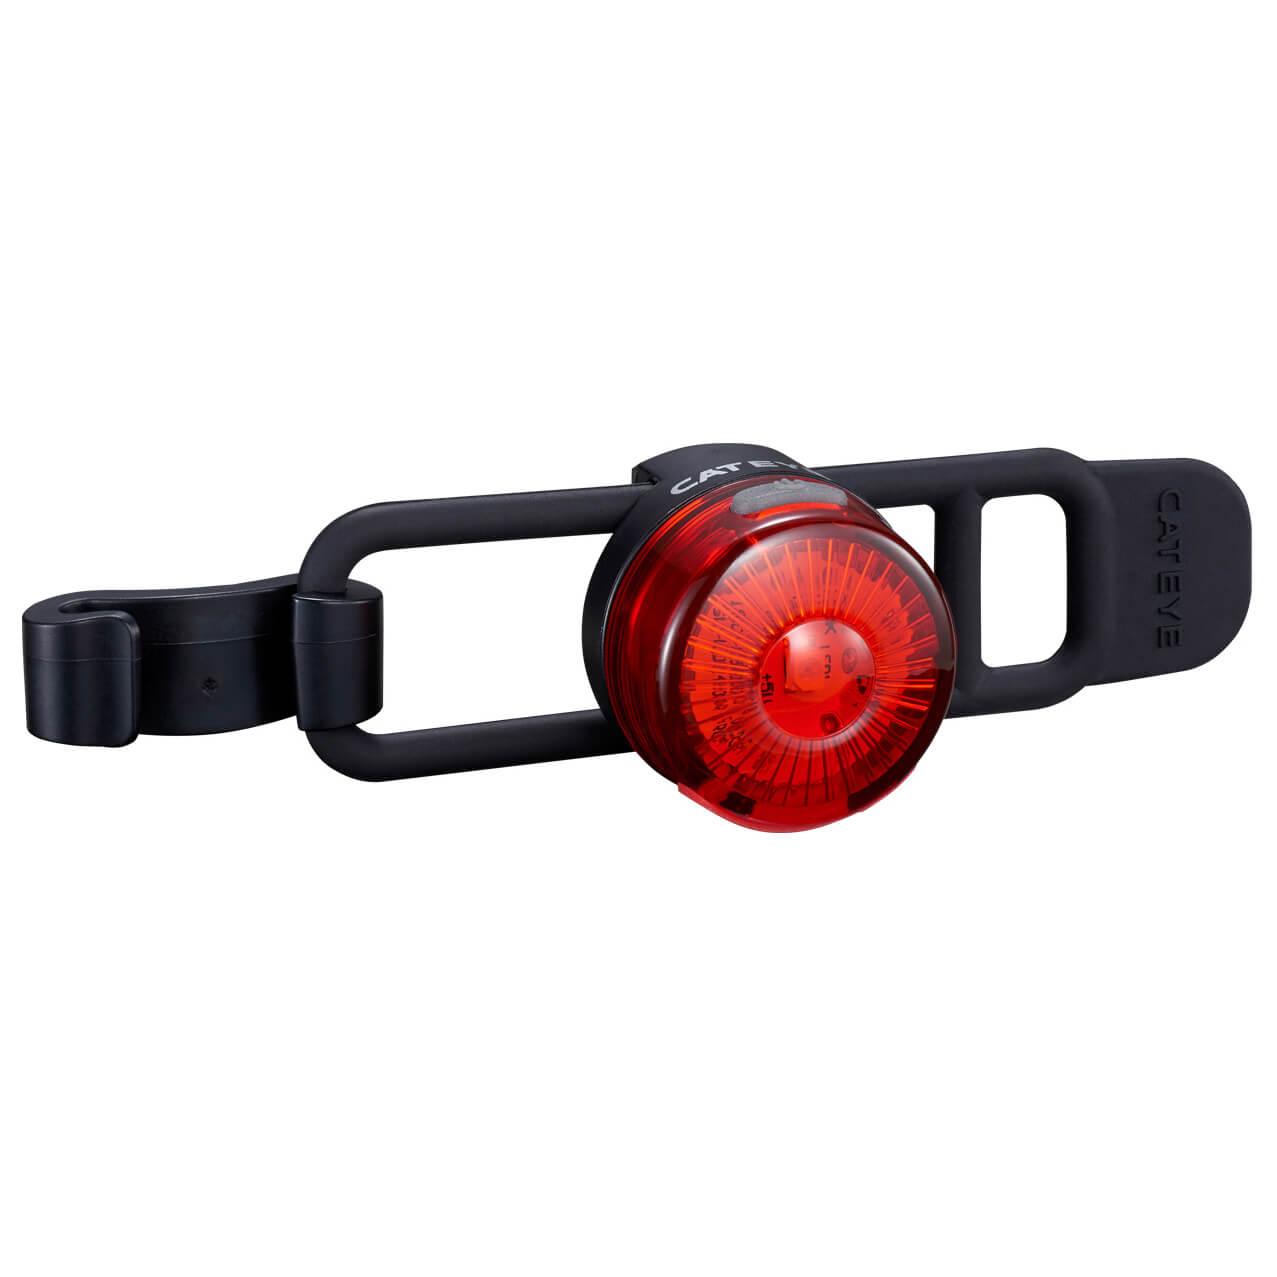 cateye sich beleuchtung loop2 sl ld140rc f usb aufladbar online kaufen. Black Bedroom Furniture Sets. Home Design Ideas